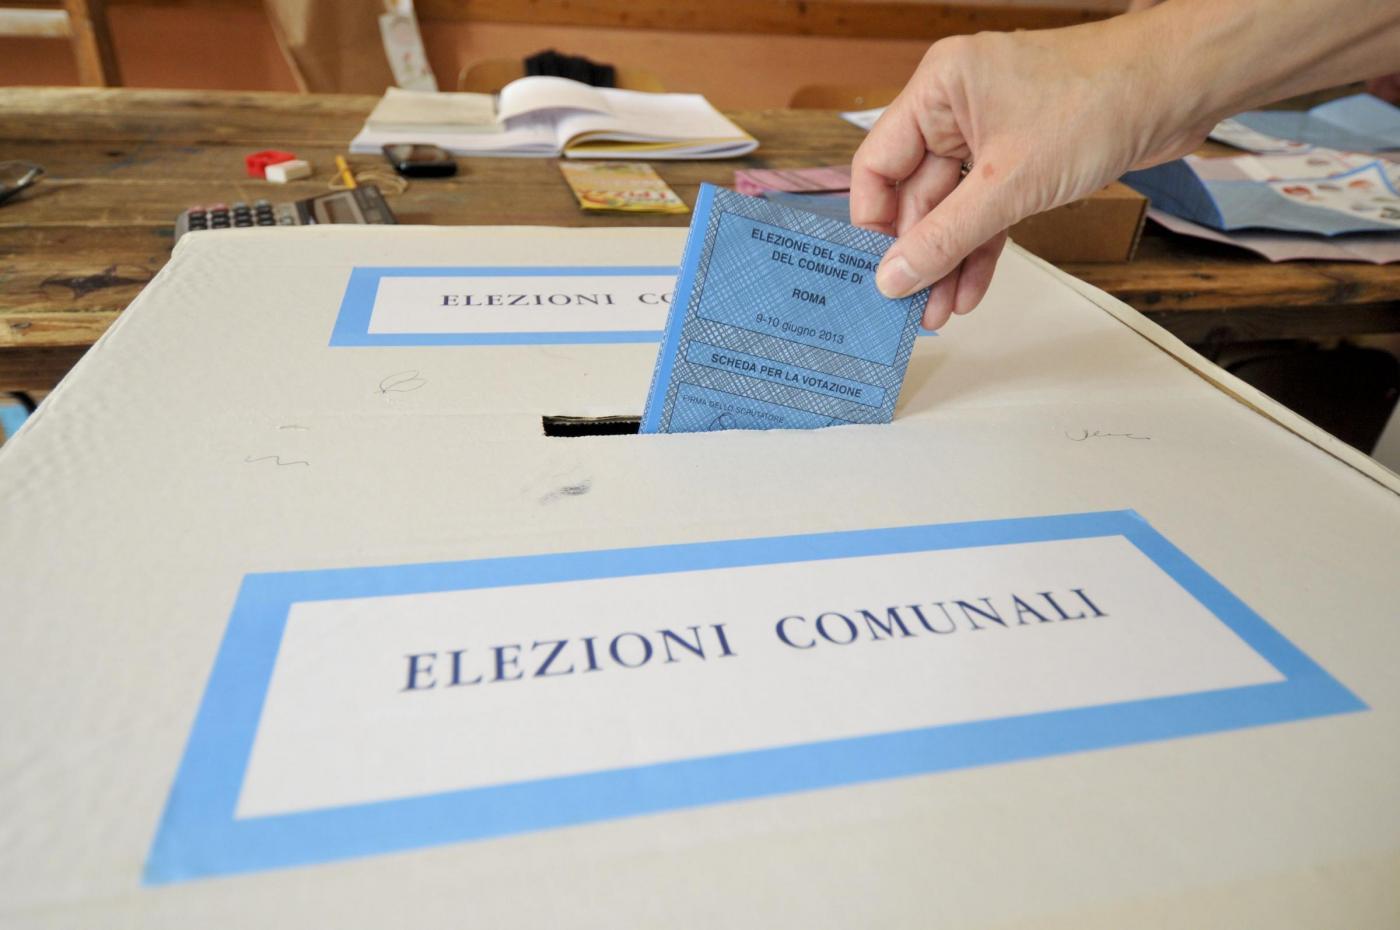 Elezioni comunali 2014, vince il PD: effetto Renzi anche nei comuni